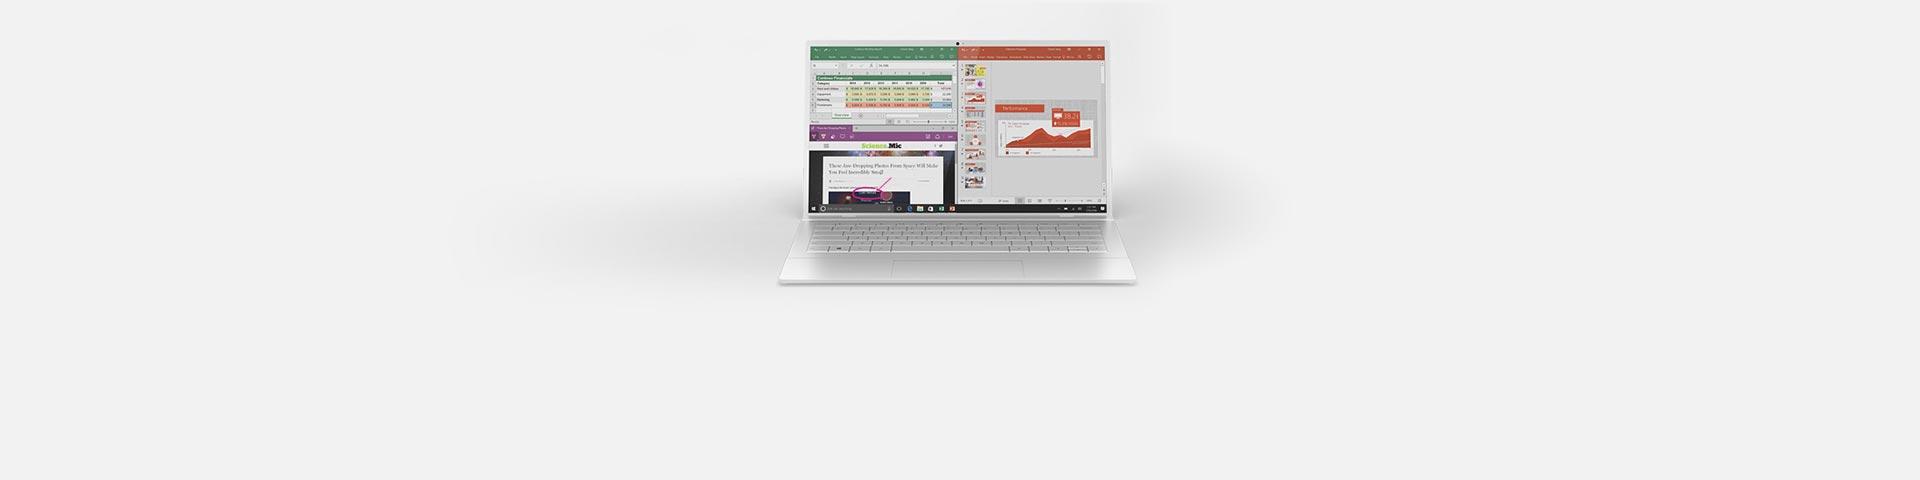 Un ordinateur portable avec les applications Office à l'écran